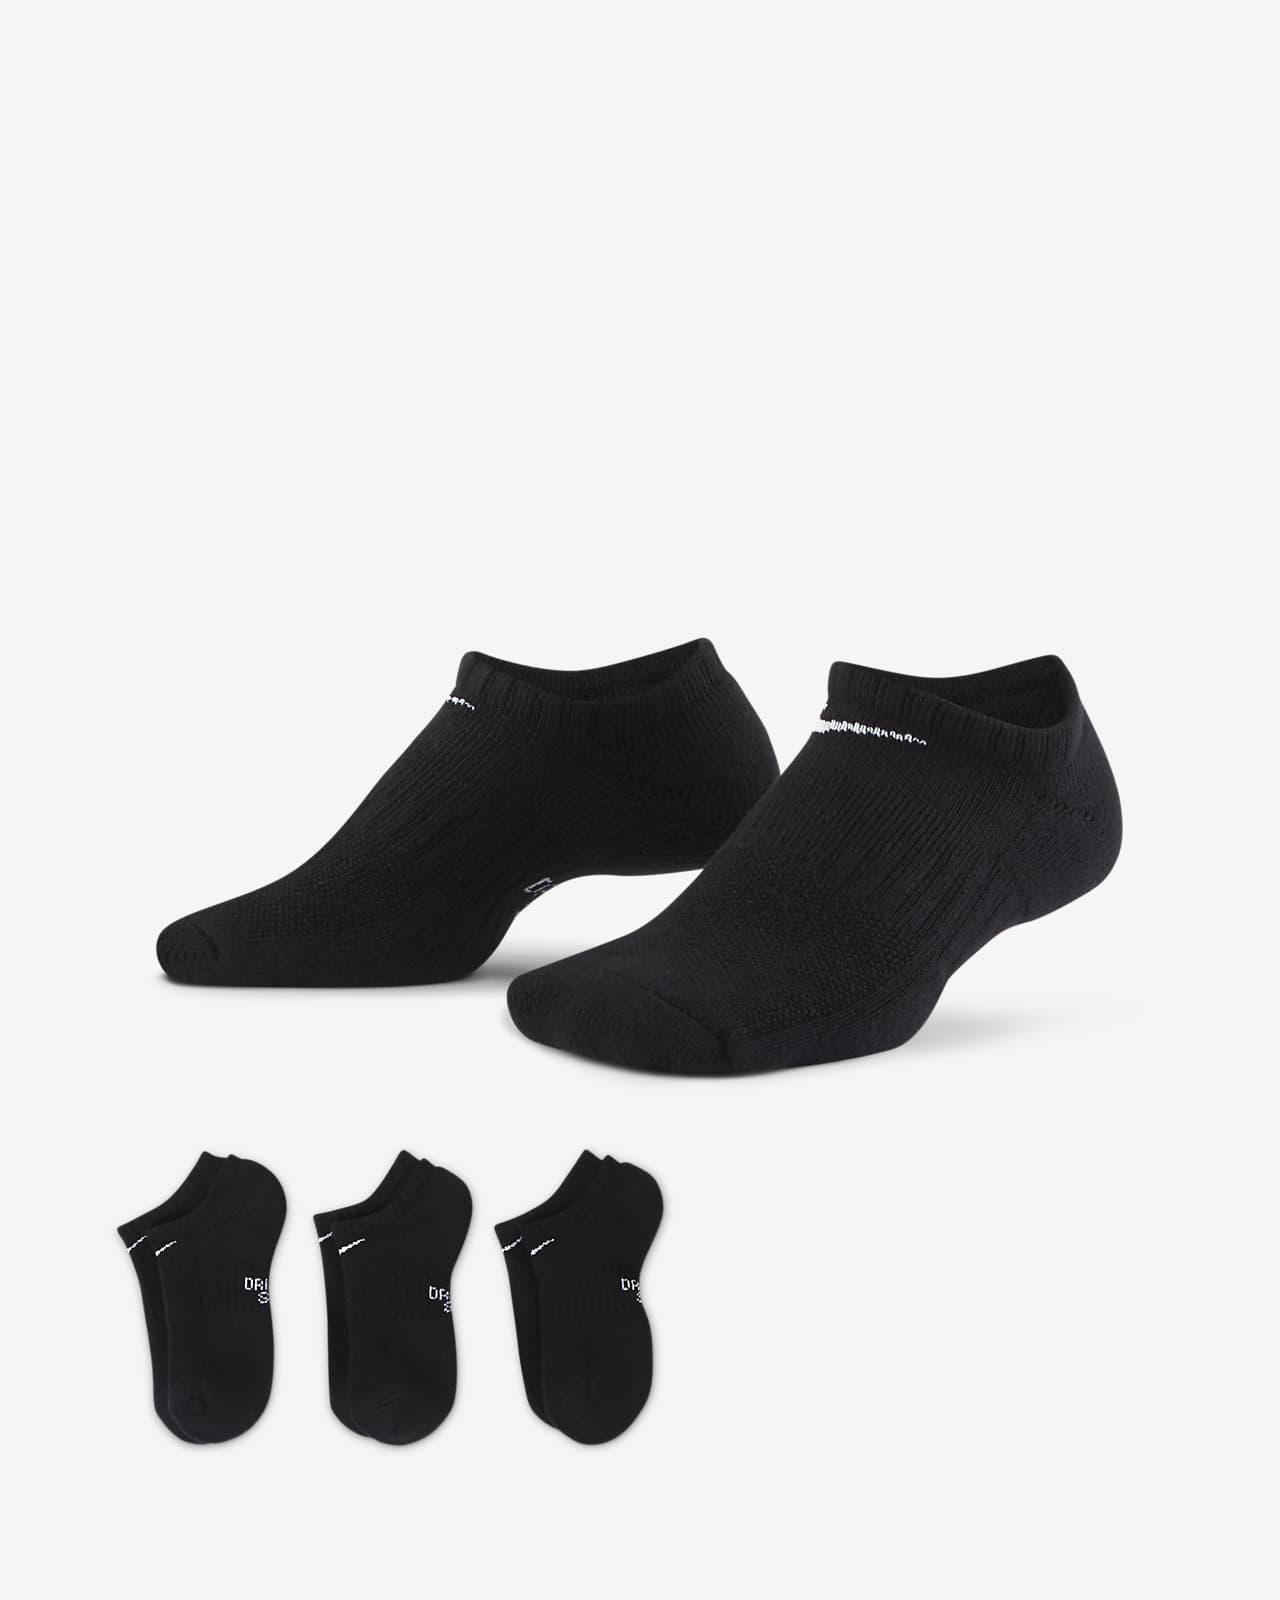 Calcetines invisibles acolchados para niños talla grande Nike Everyday (3 pares)